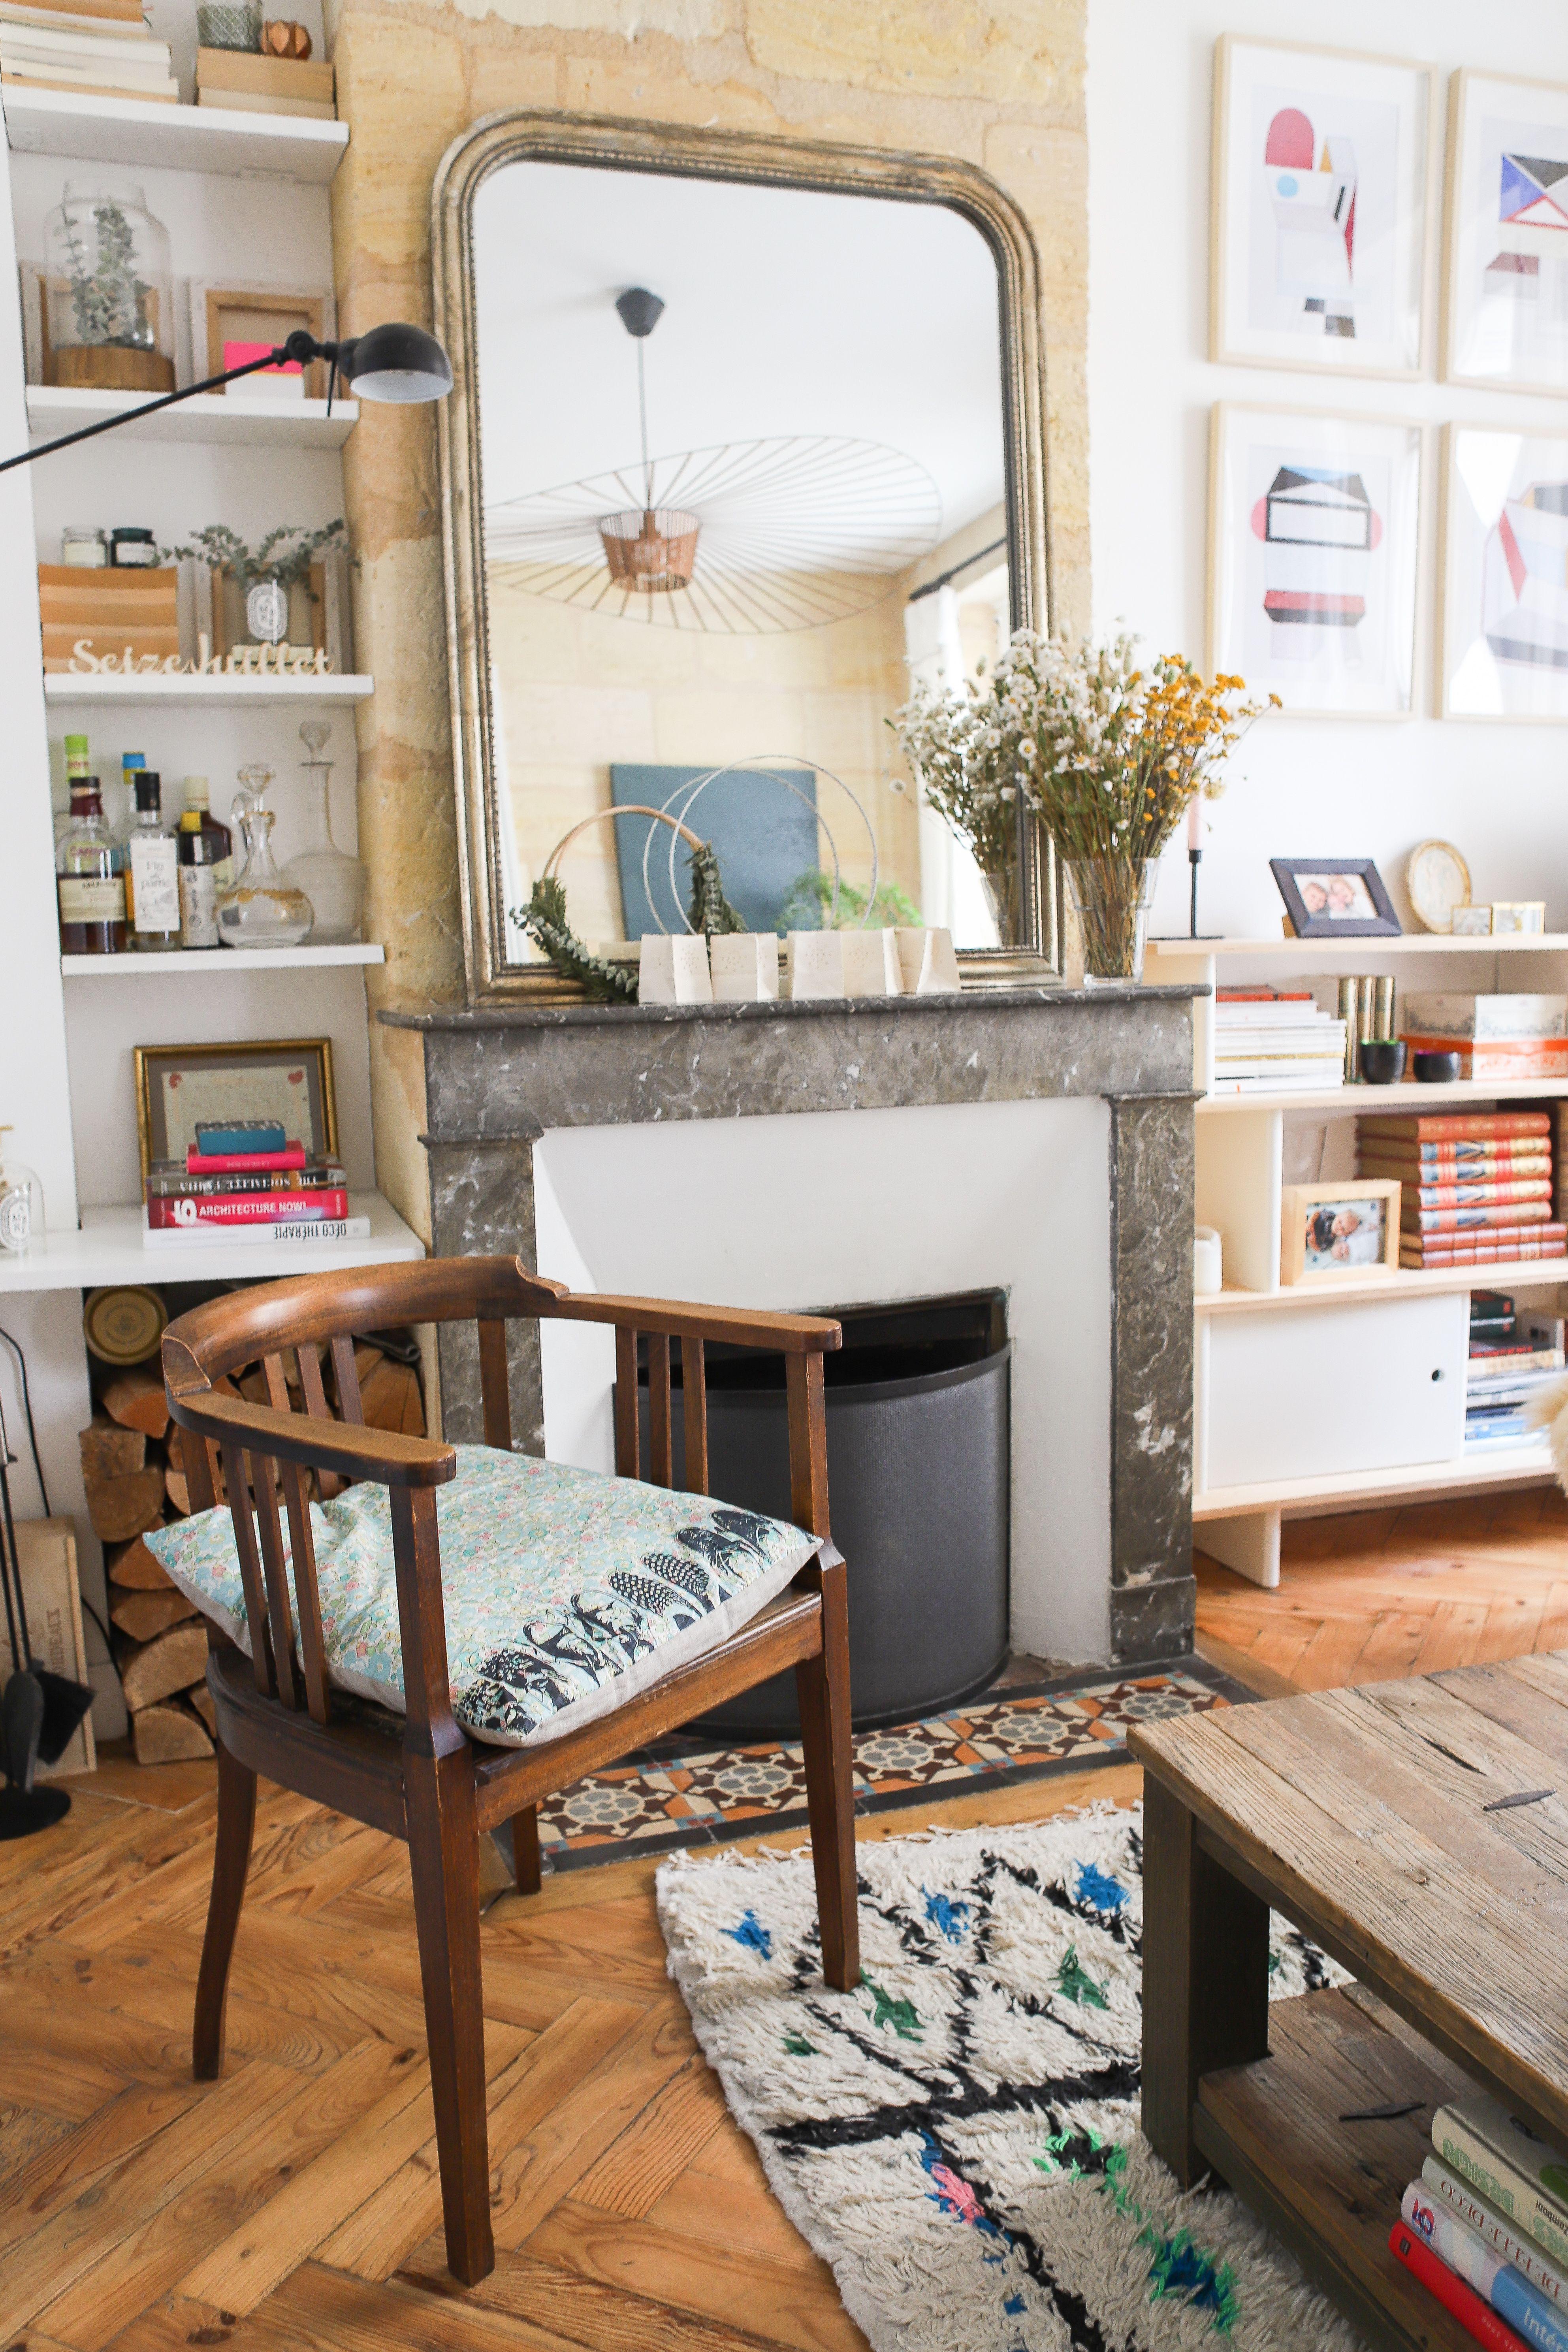 déco salon vintage  miroir et cheminée ancienne fauteuil